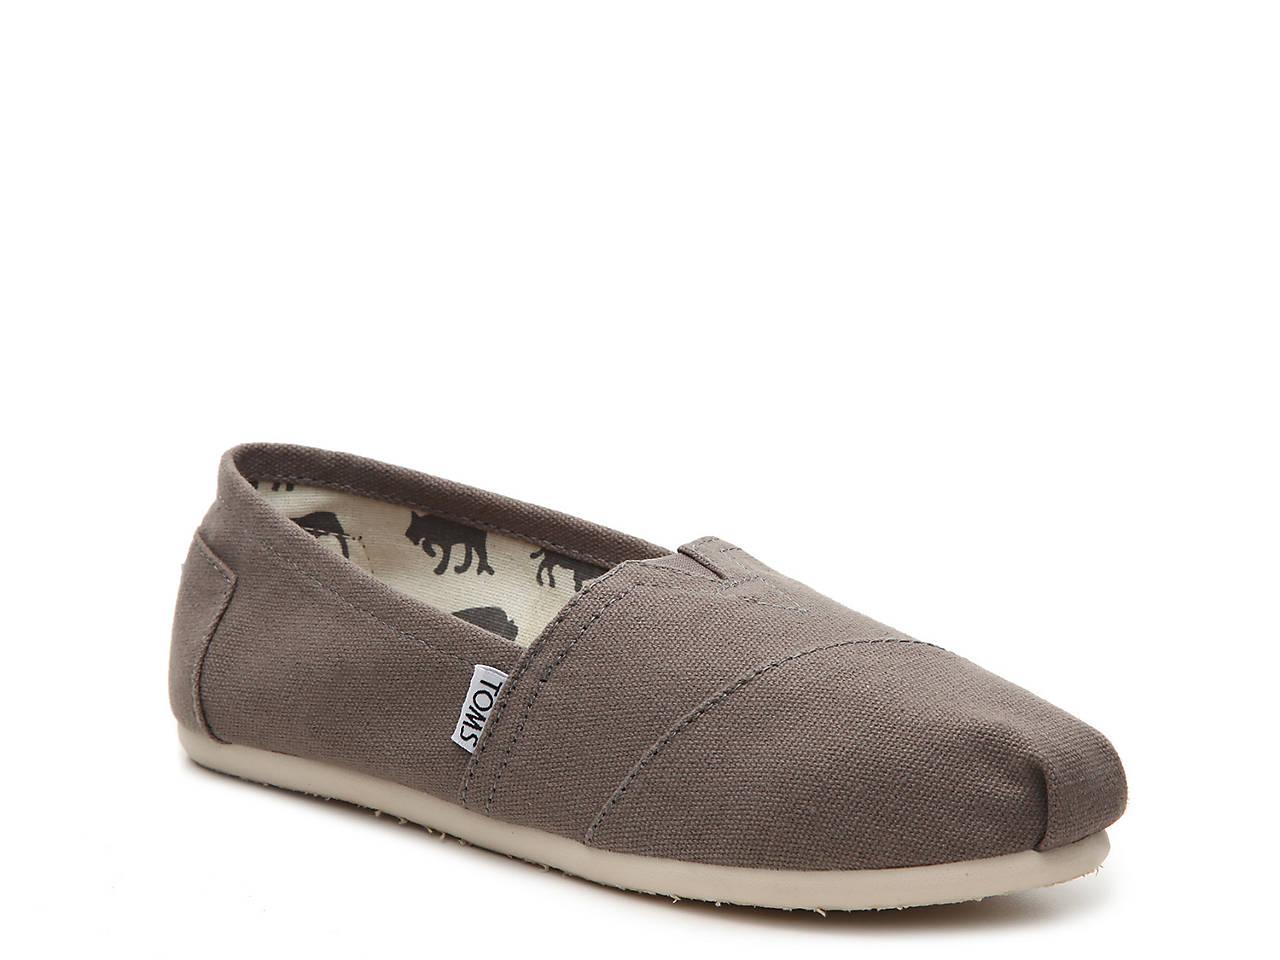 e41c06ca5 TOMS Alpargata Slip-On Women's Shoes | DSW